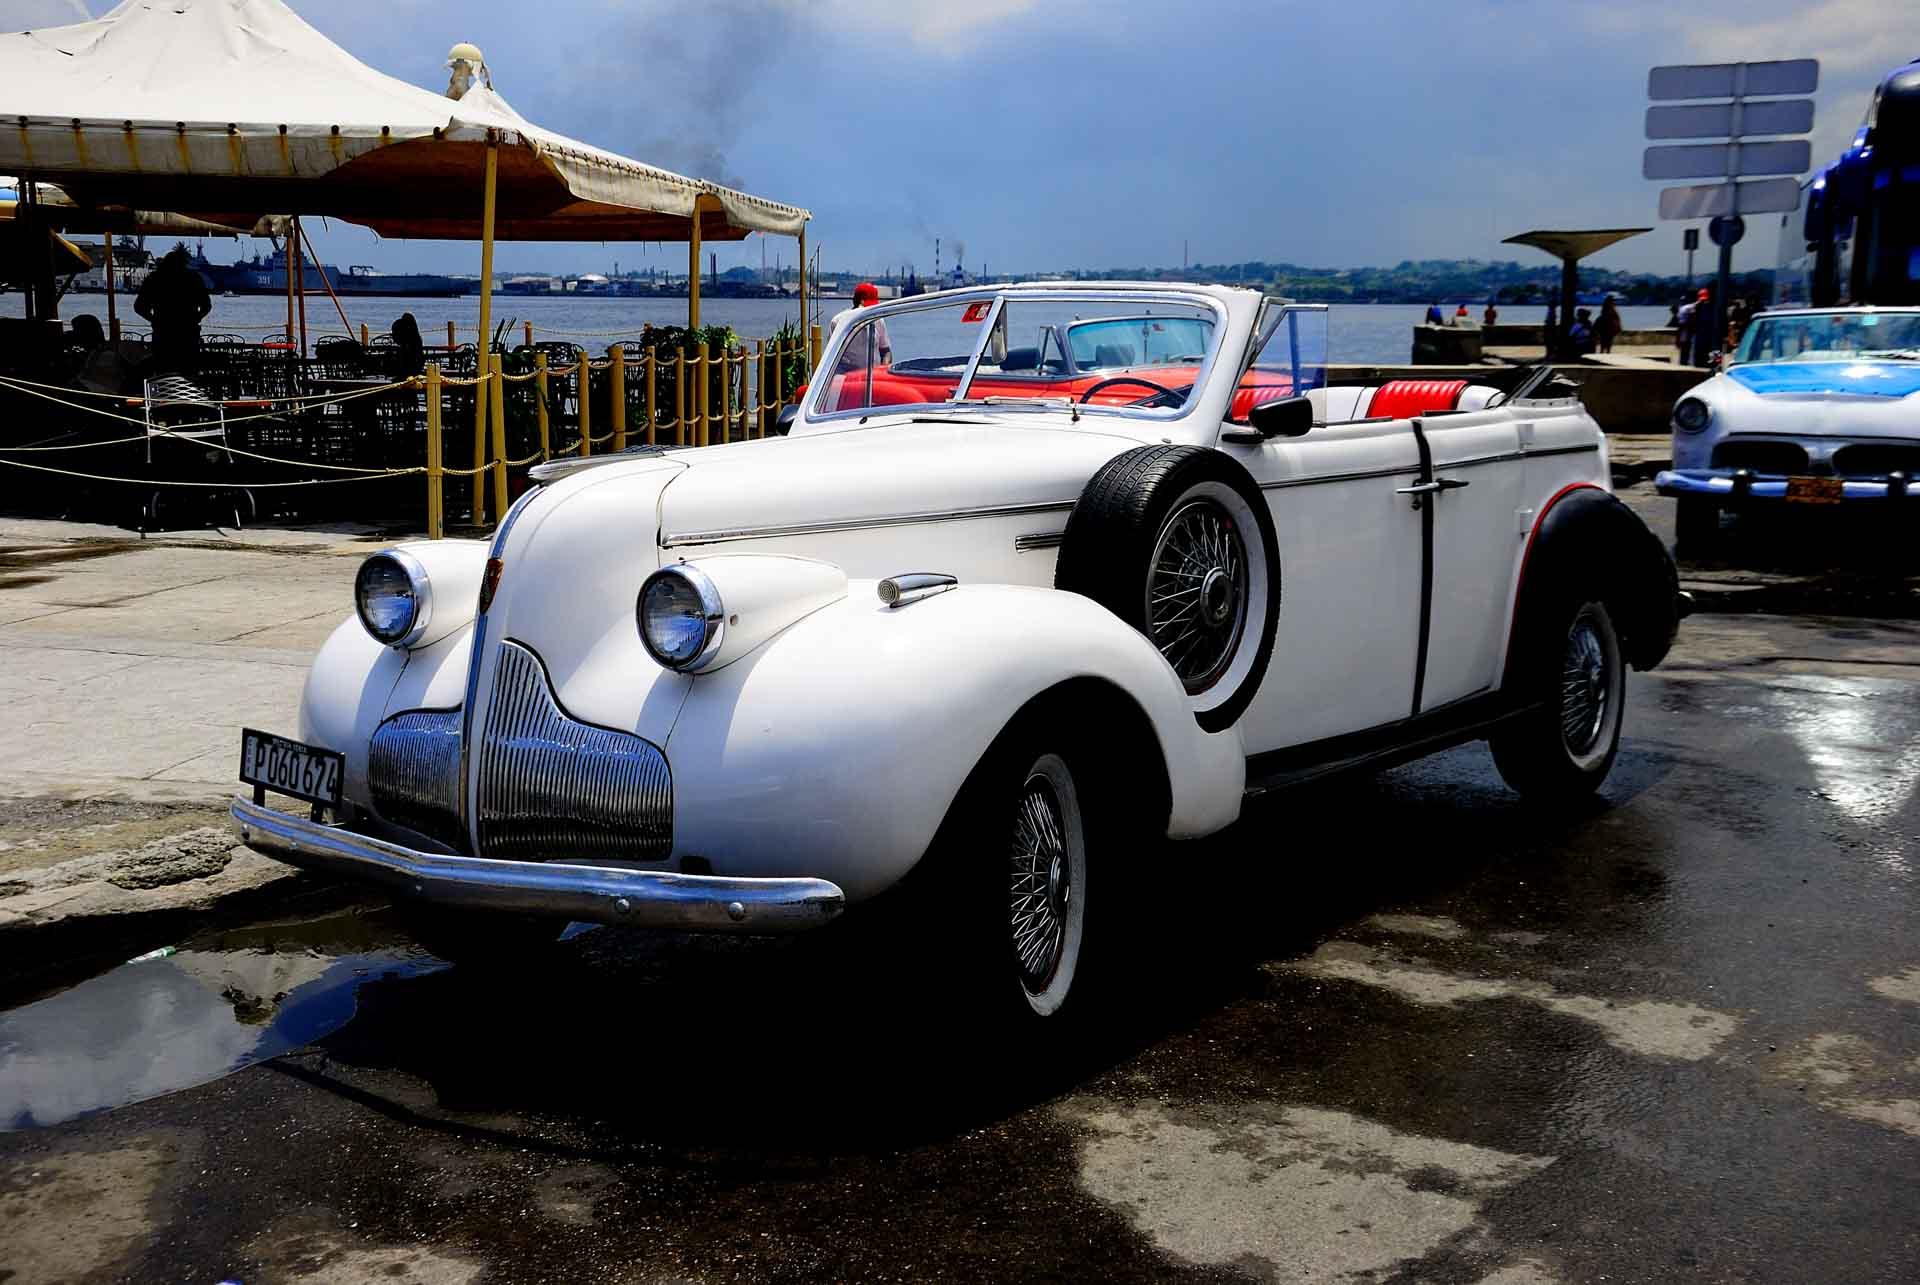 Havana Cuba Vintage Car 8, havana, cuba, pescart, photo blog, travel blog, blog, photo travel blog, enrico pescantini, pescantini